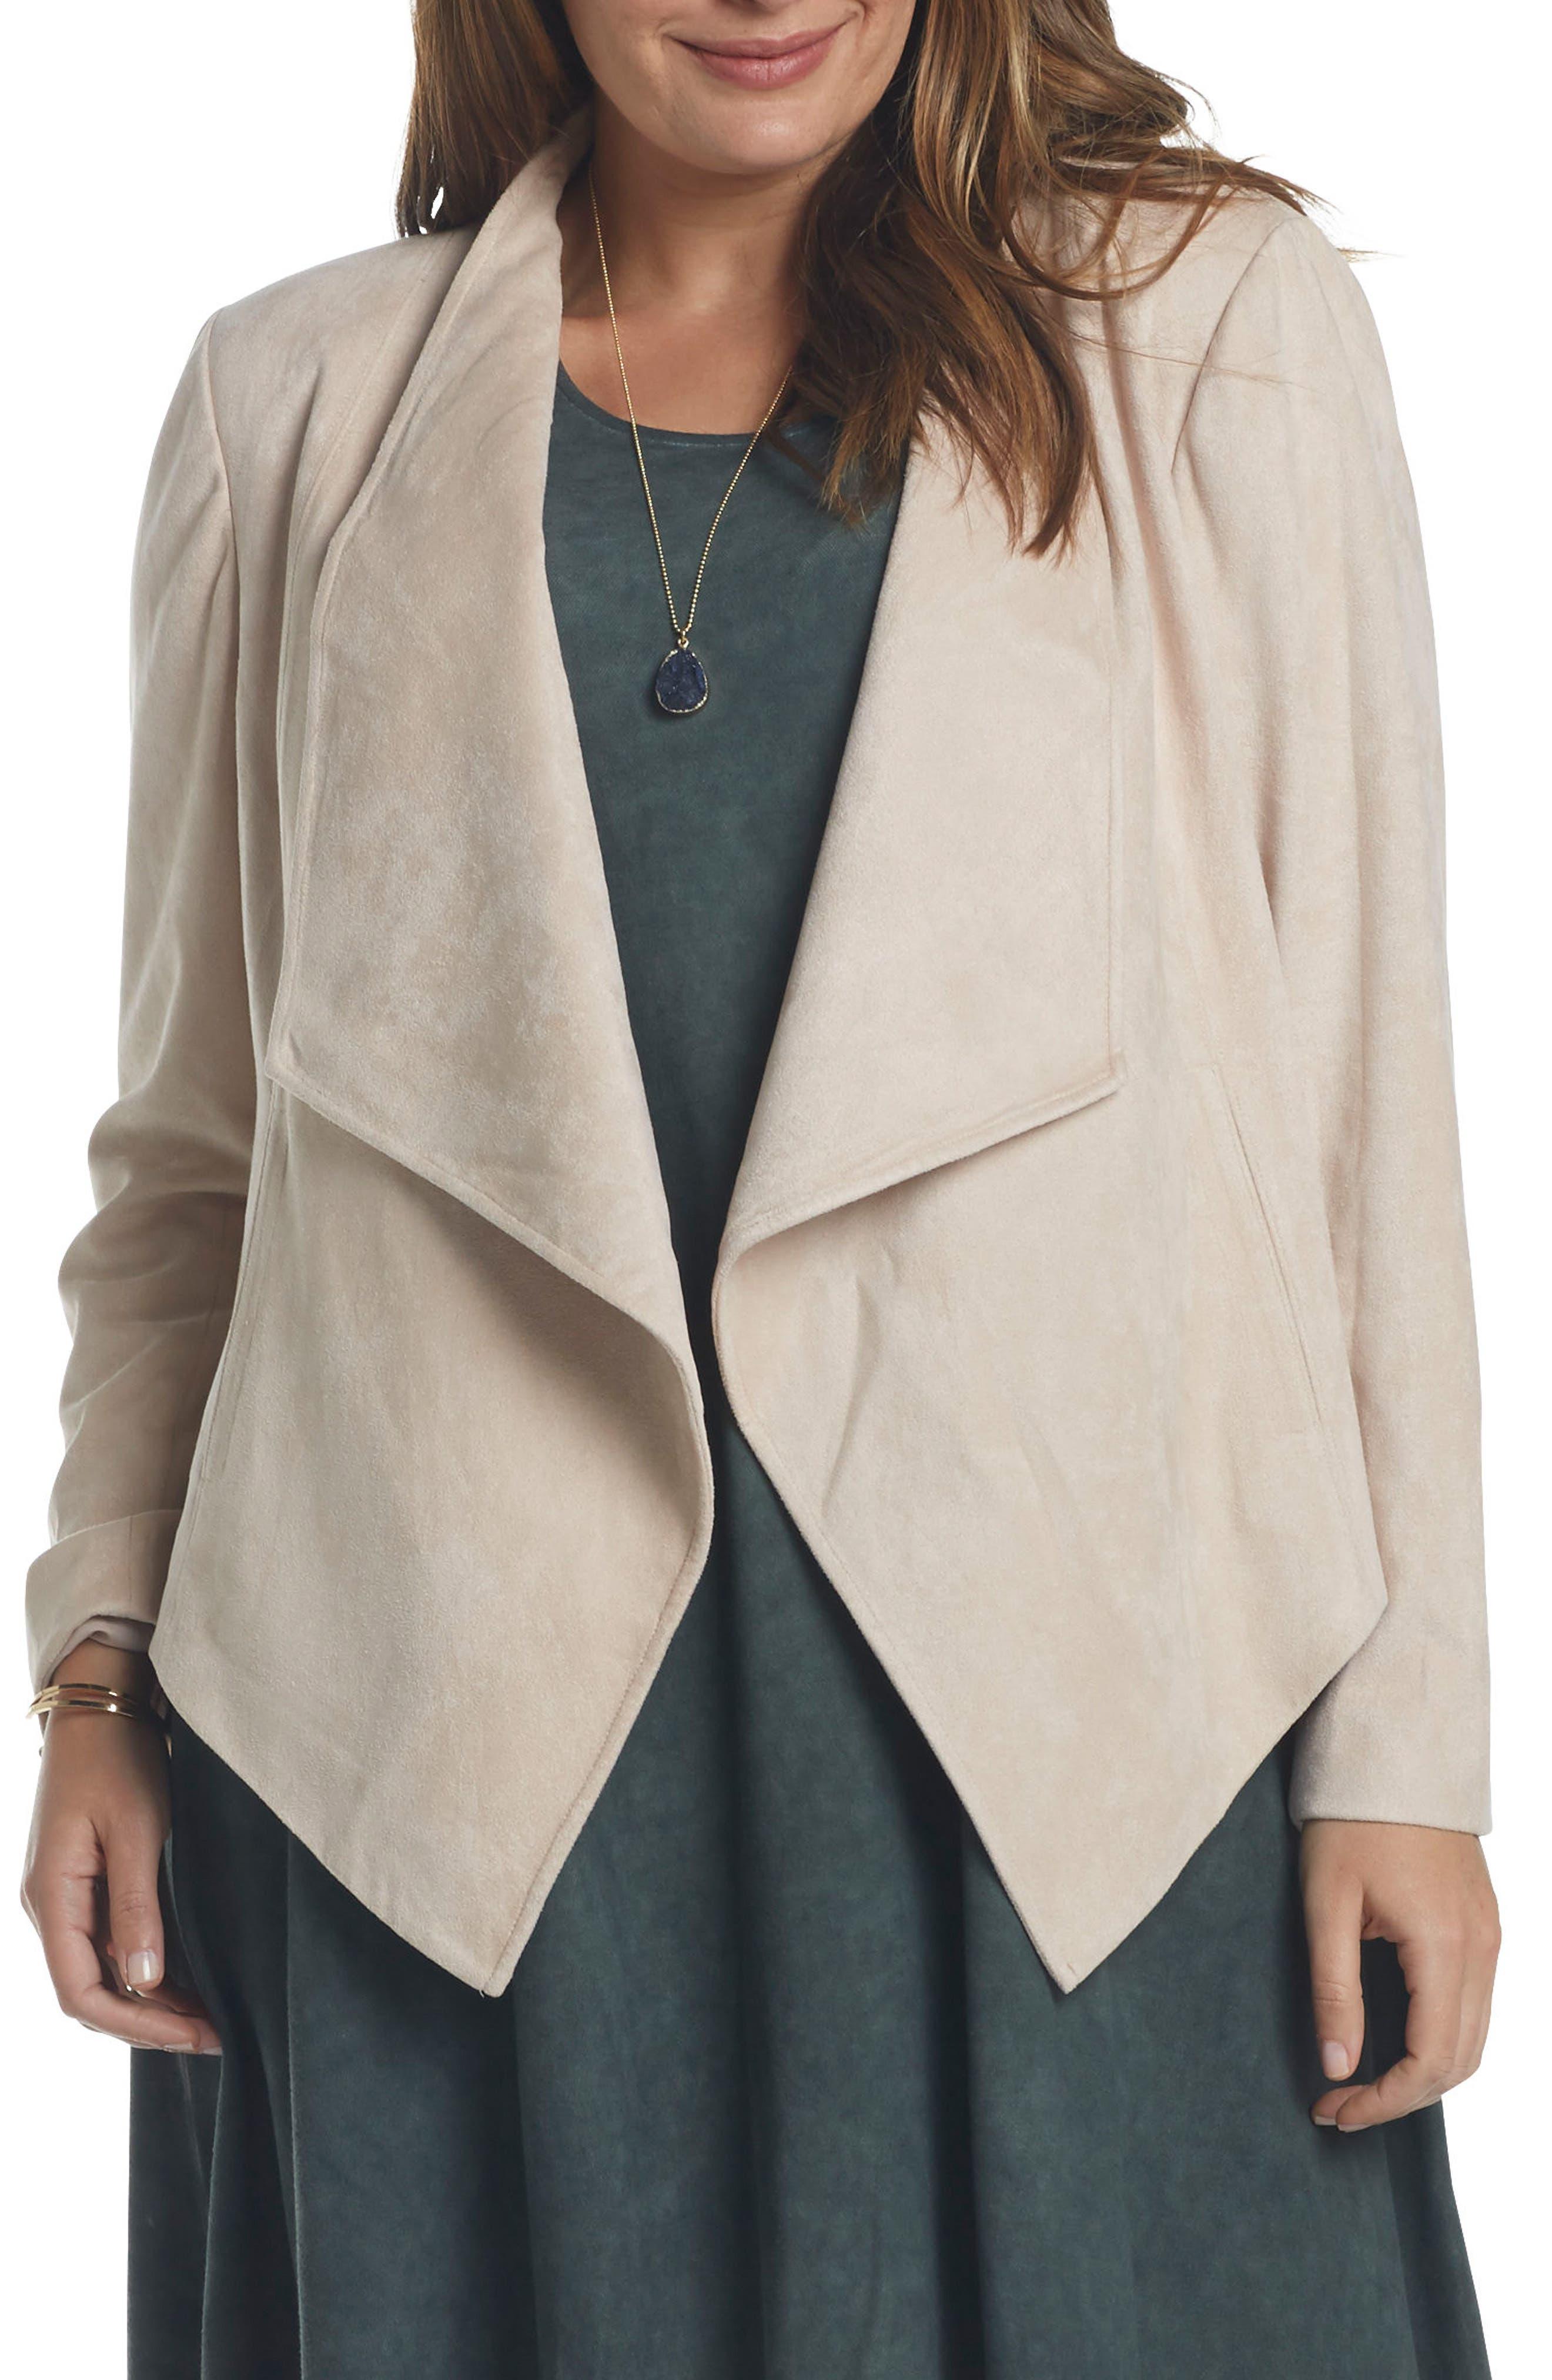 Sybil Faux Suede Drape Front Jacket,                             Main thumbnail 1, color,                             285